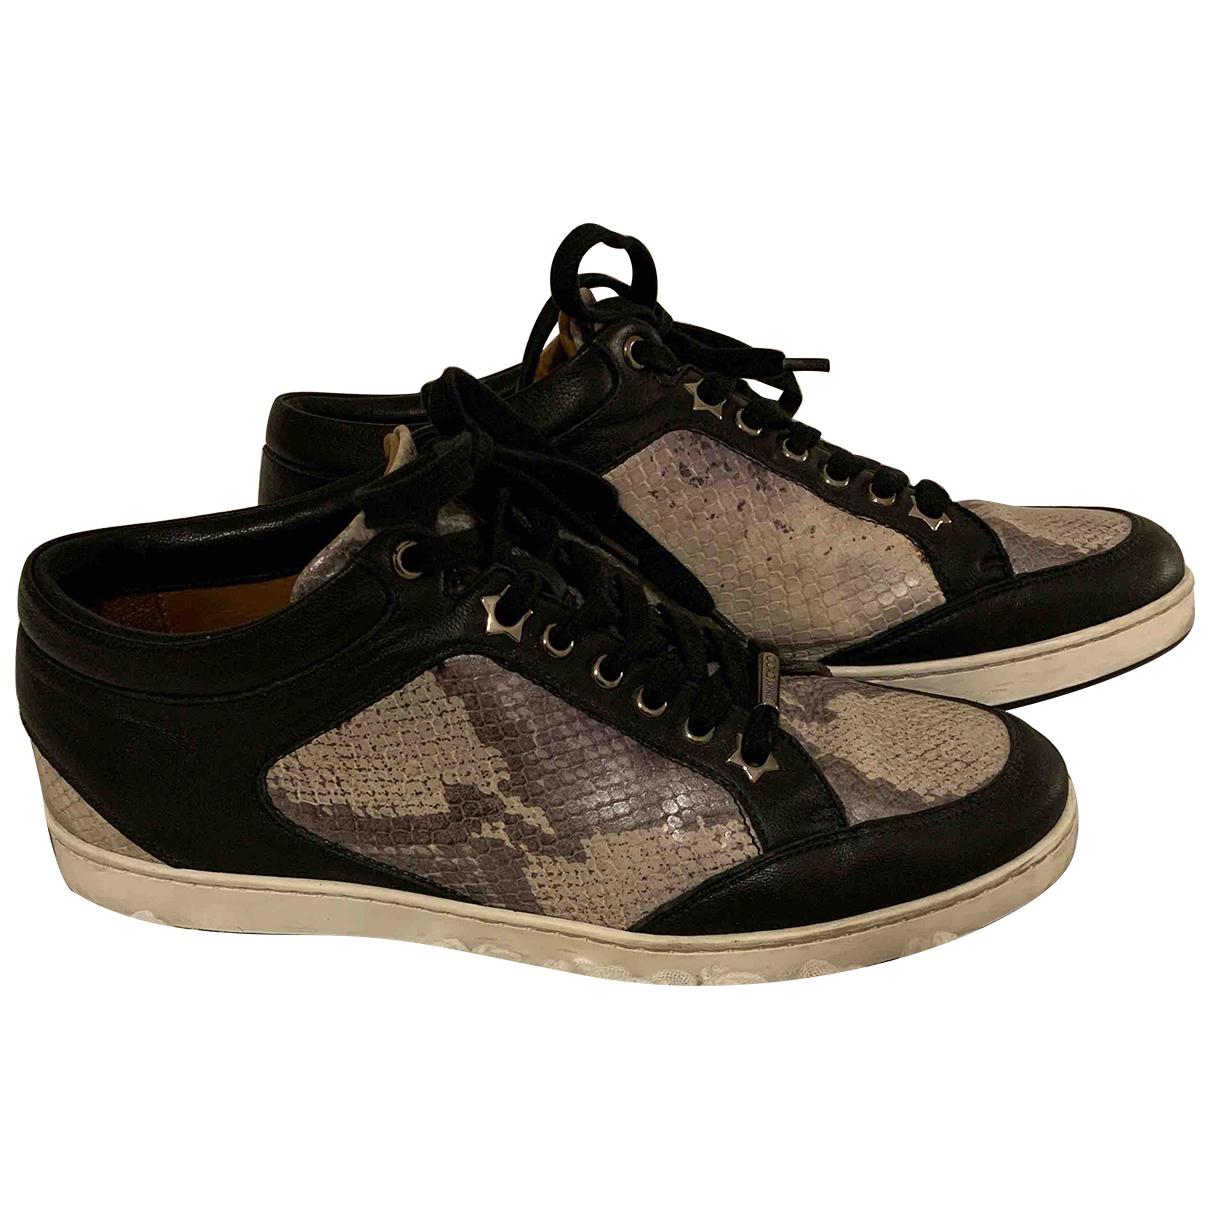 Jimmy Choo \N Sneakers in  Anthrazit Leder